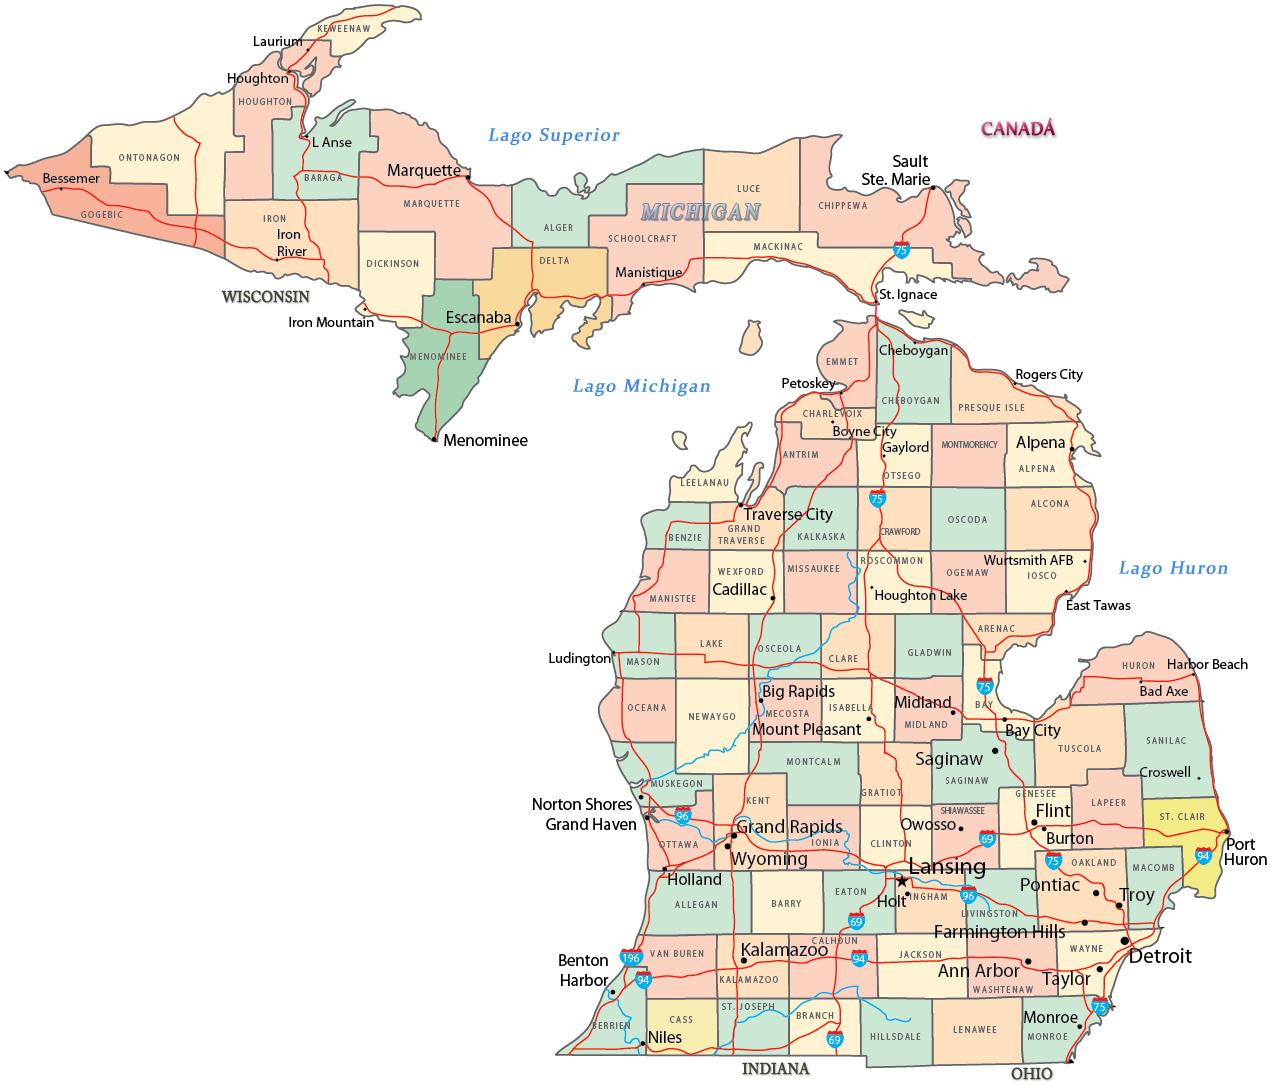 mapa politico de michigan estados unidos